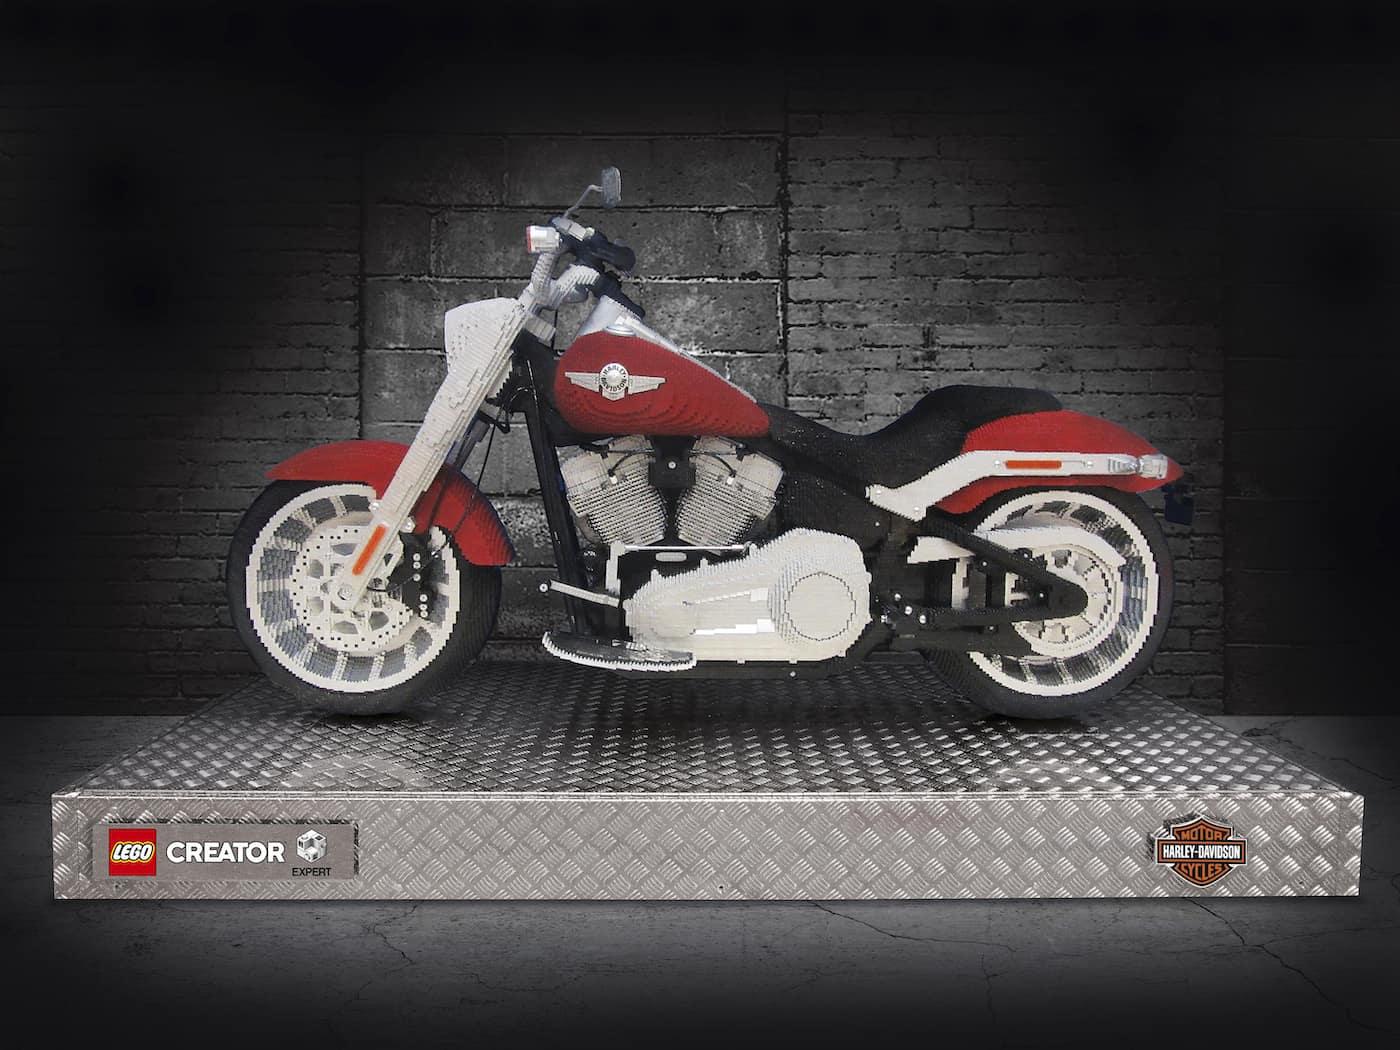 LEGO präsentiert ein neues Harley Davidson Replica Modell zum nachbauen 6